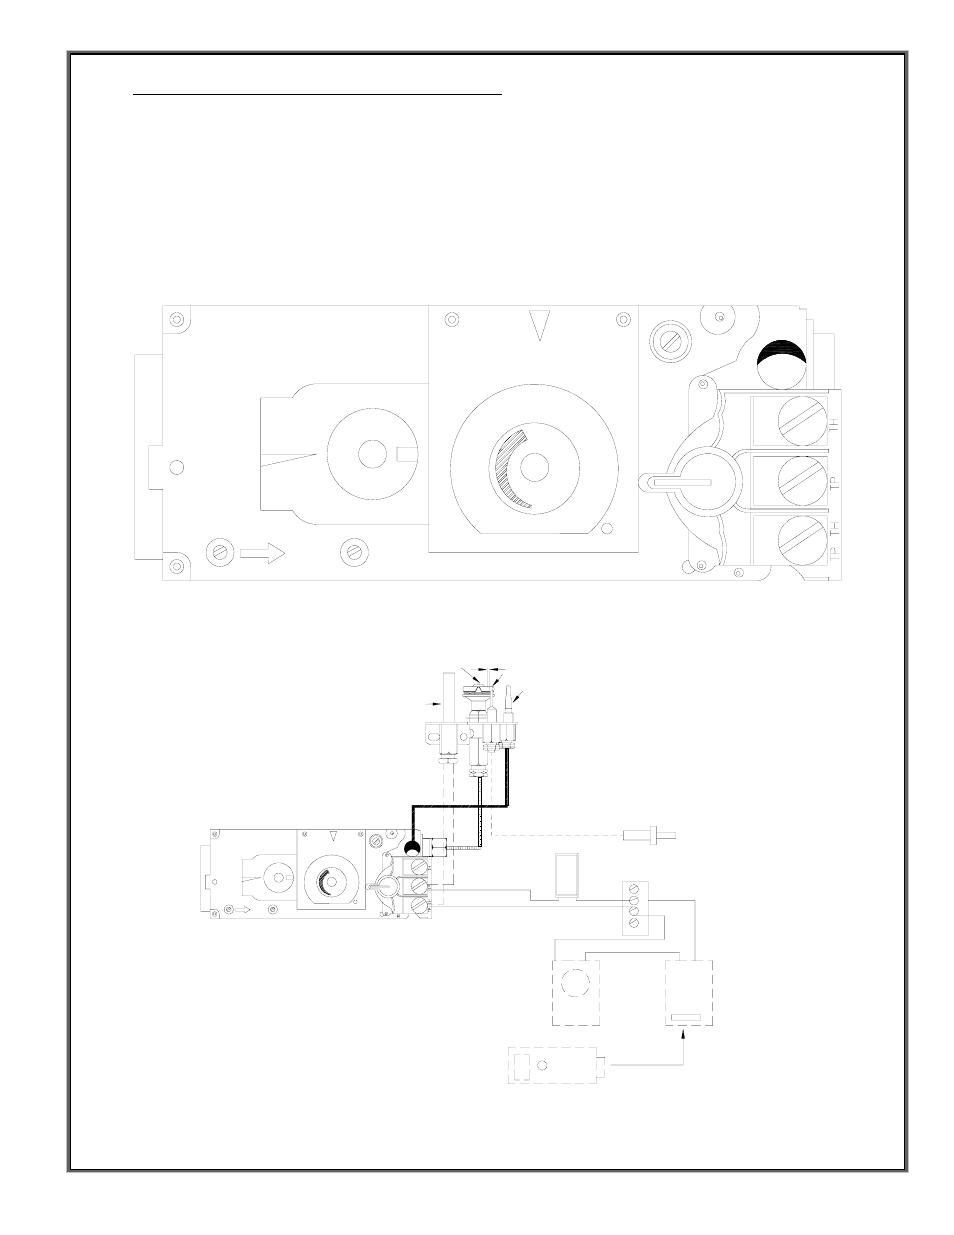 landa natural gas valve wiring diagram